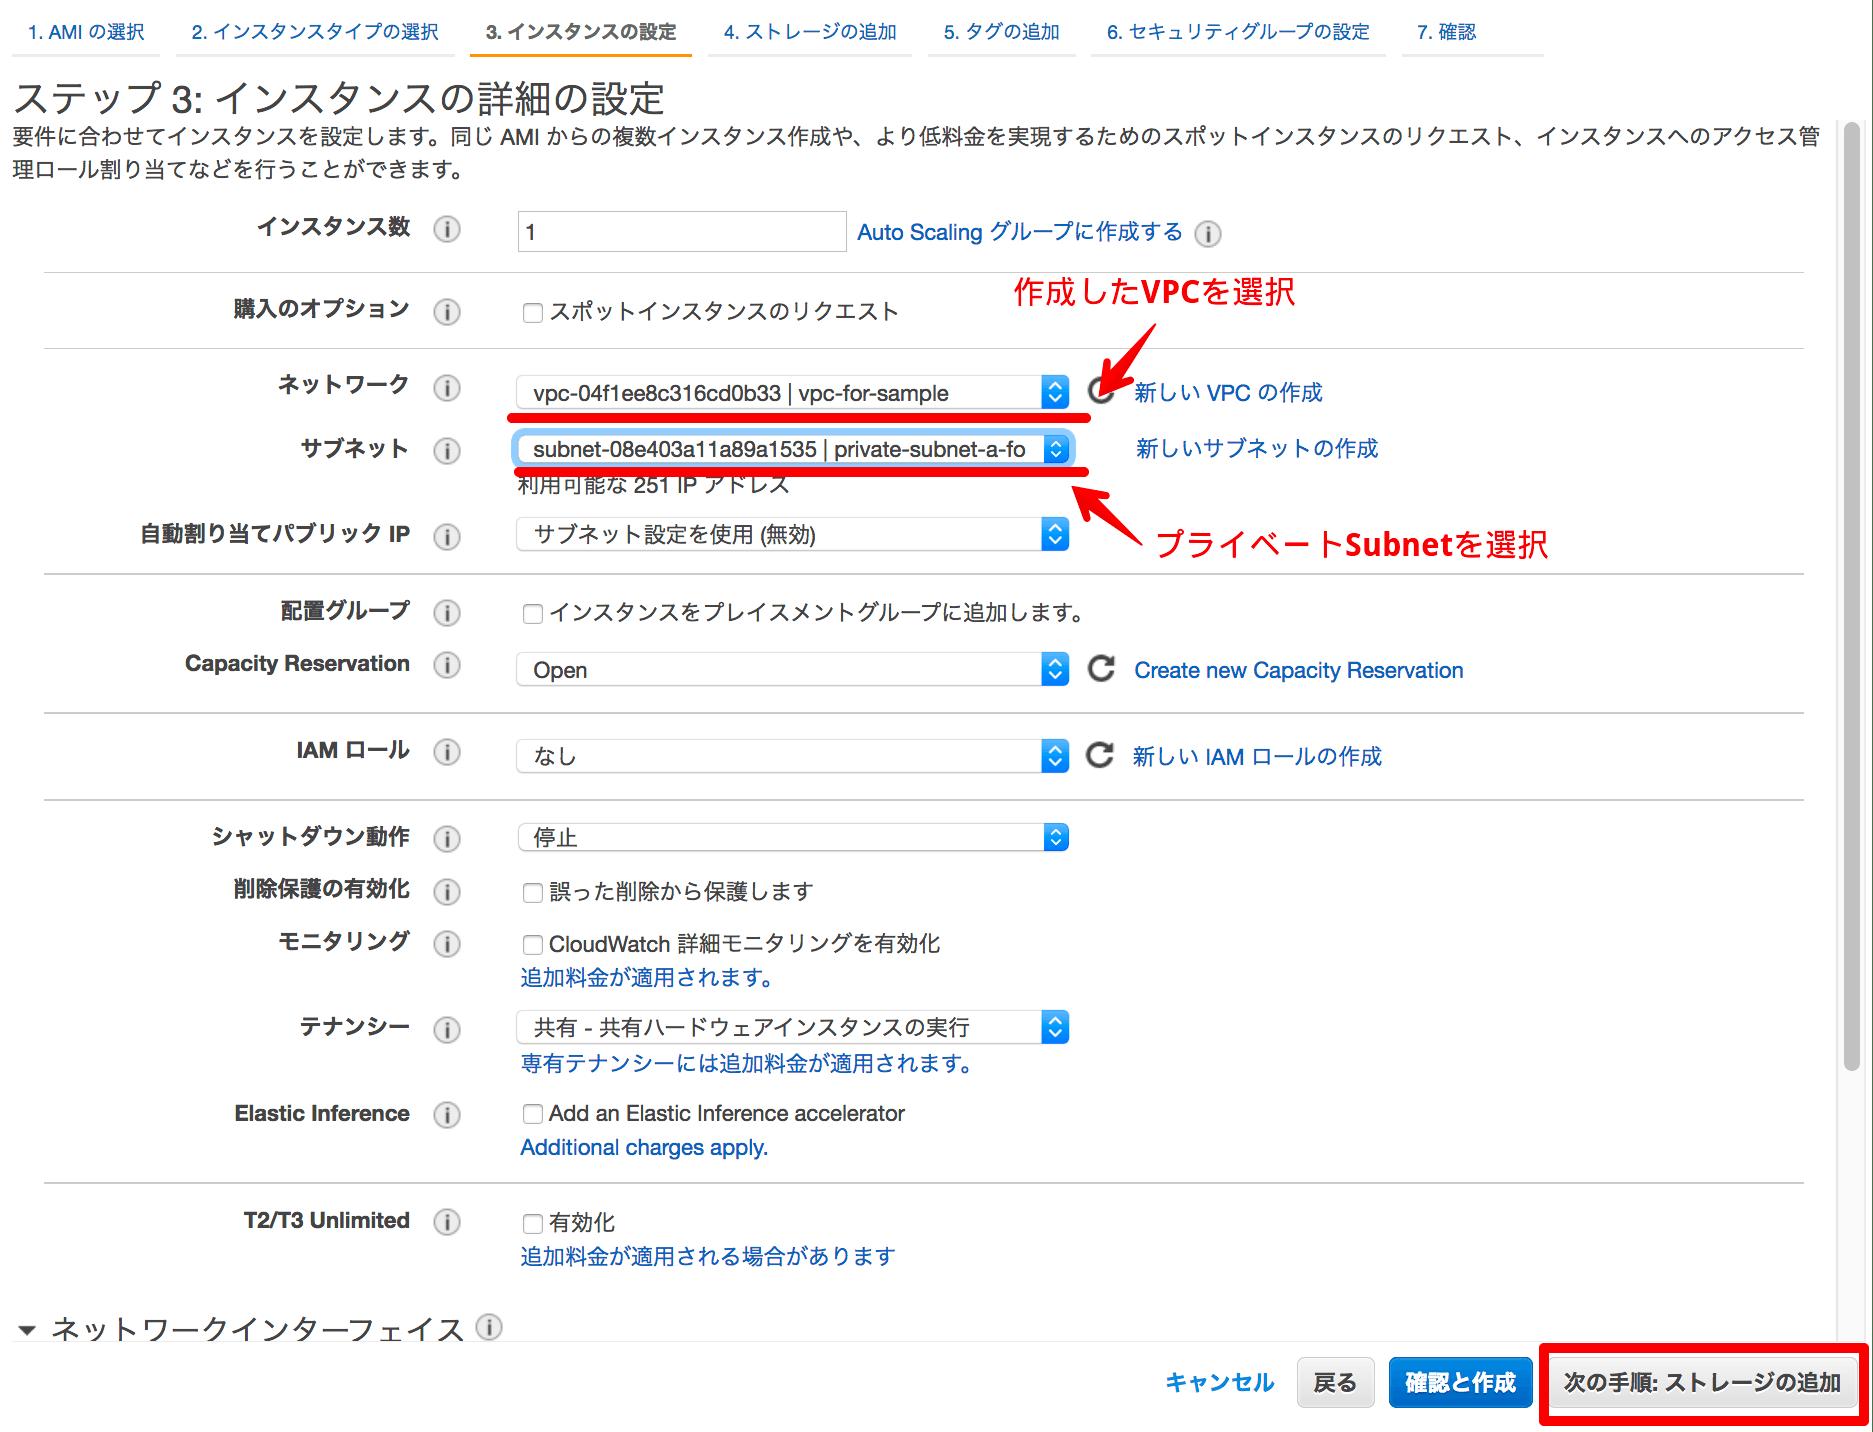 EC2 Management Console_2018-12-12_09-42-04.png